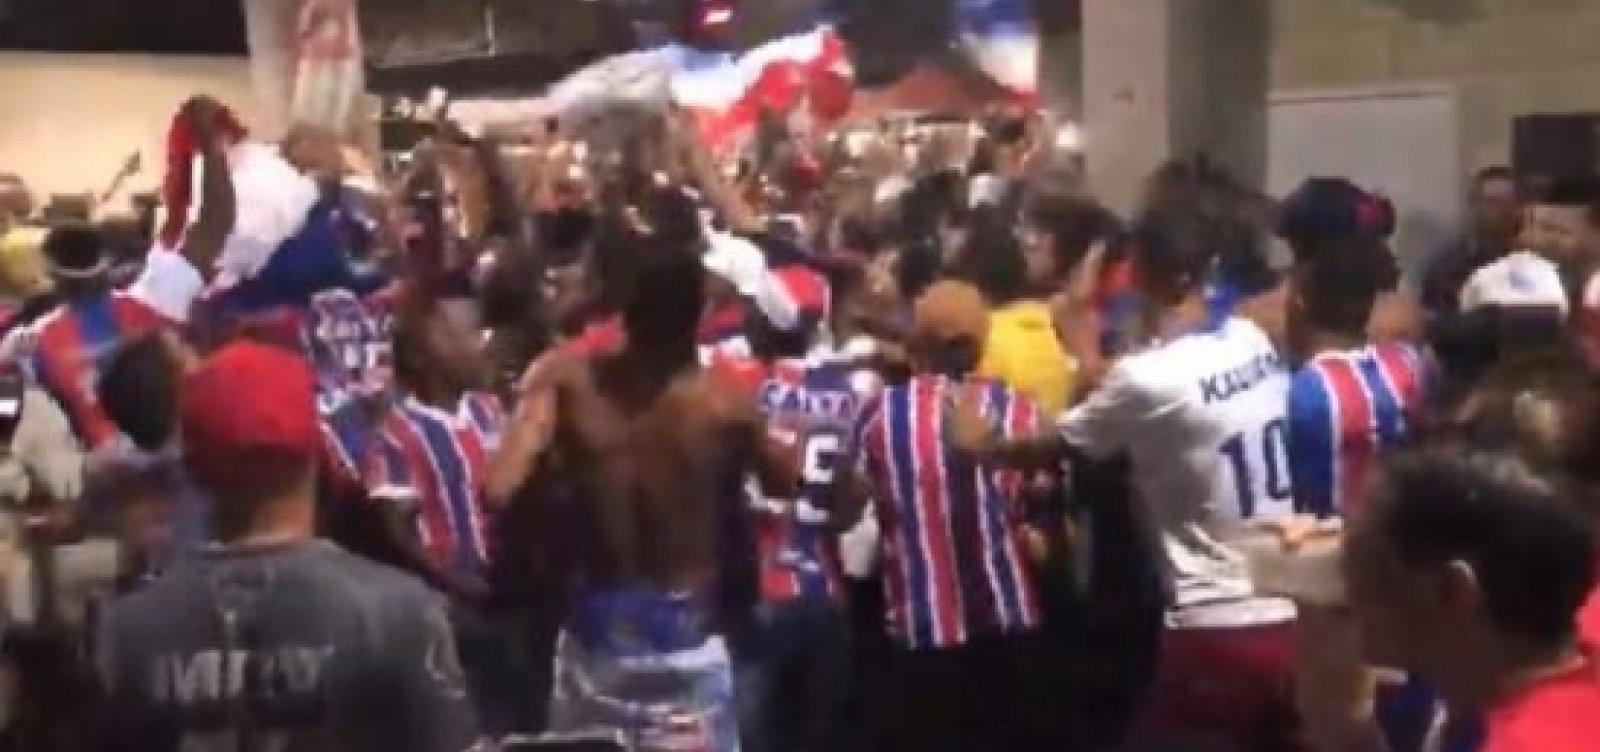 [ PM vai apurar agressão a torcedor do Bahia na Fonte Nova; veja vídeo]